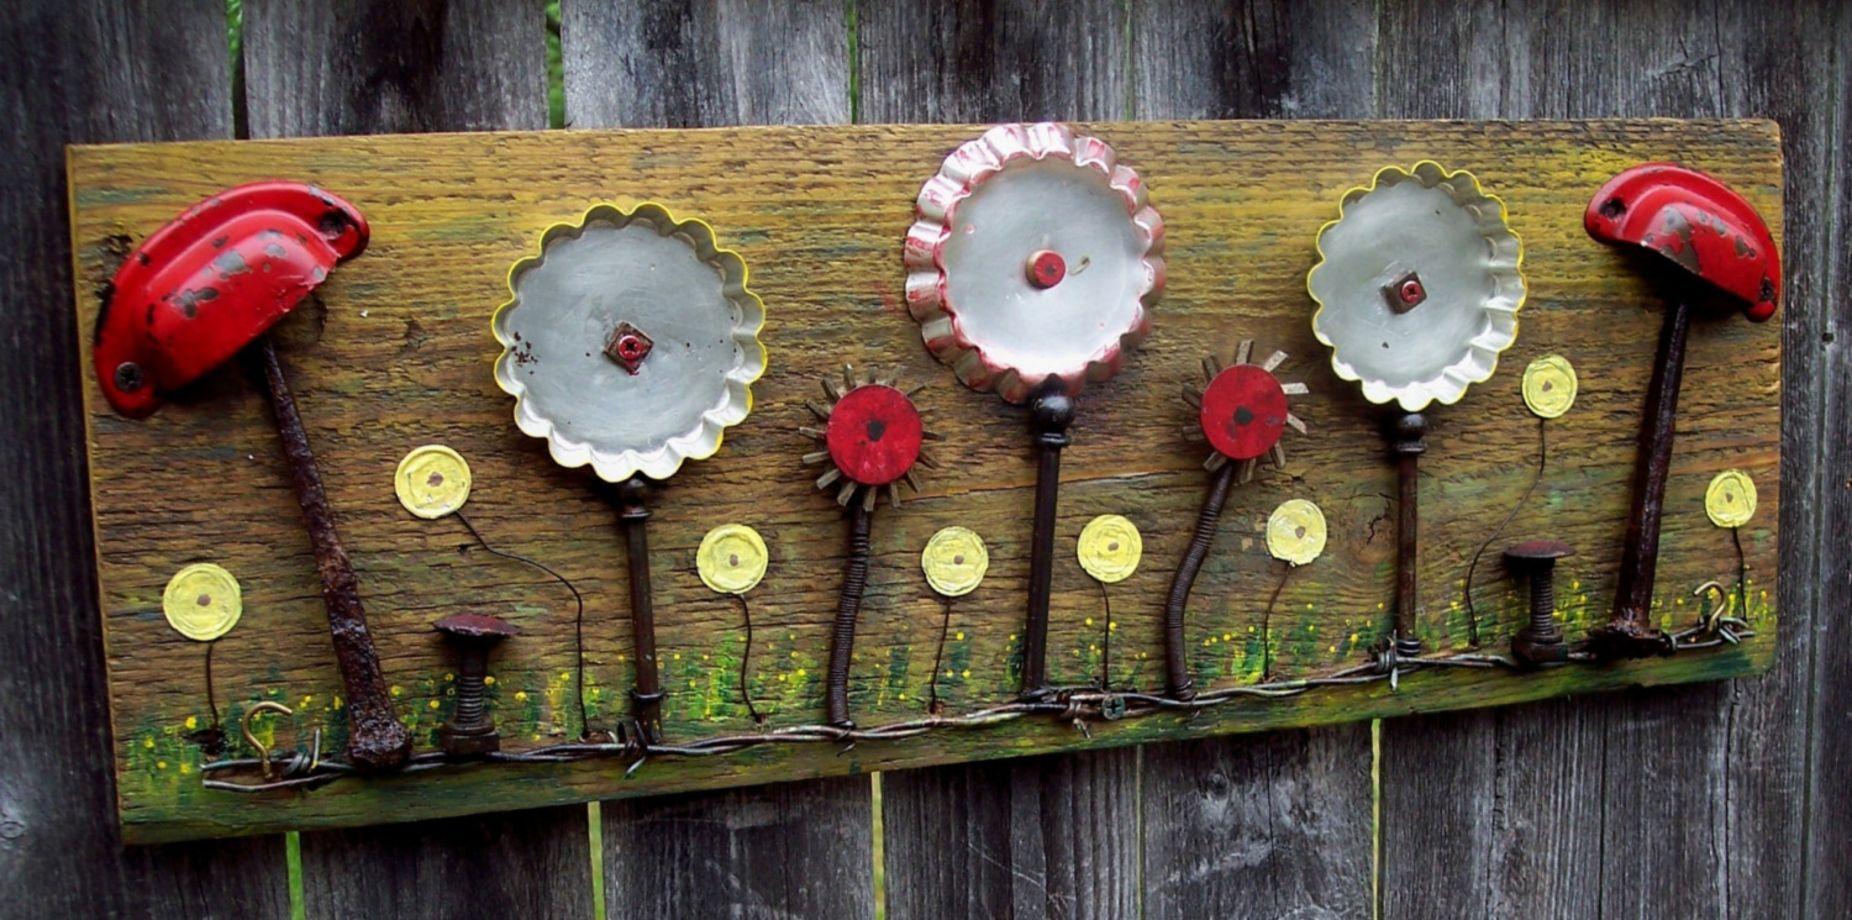 Cute and cool garden art for kids design ideas 34